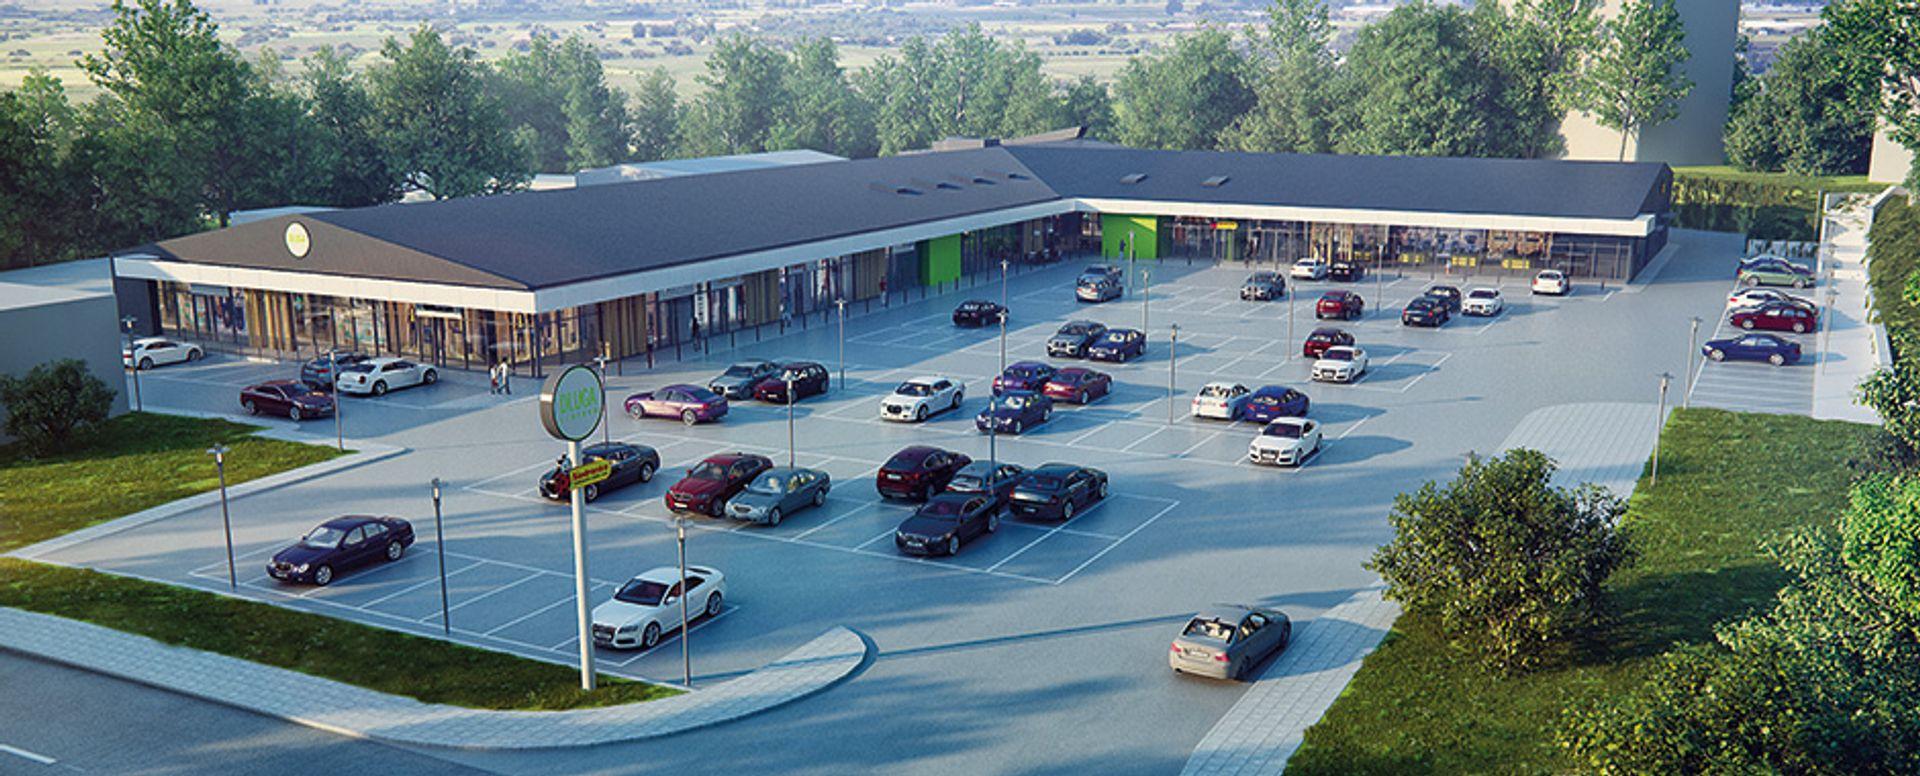 [Wałbrzych] Peppercorn Properties wybuduje Park Handlowy Piaskowa Góra